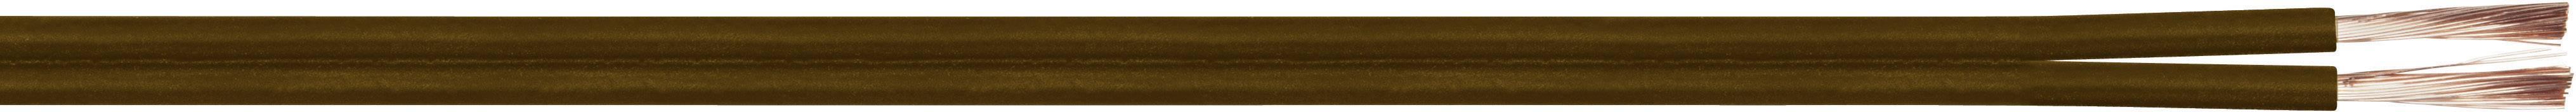 Opletenie / lanko LiY-Z LappKabel LiY-Z, 2 x 1.50 mm², hnedá, metrový tovar